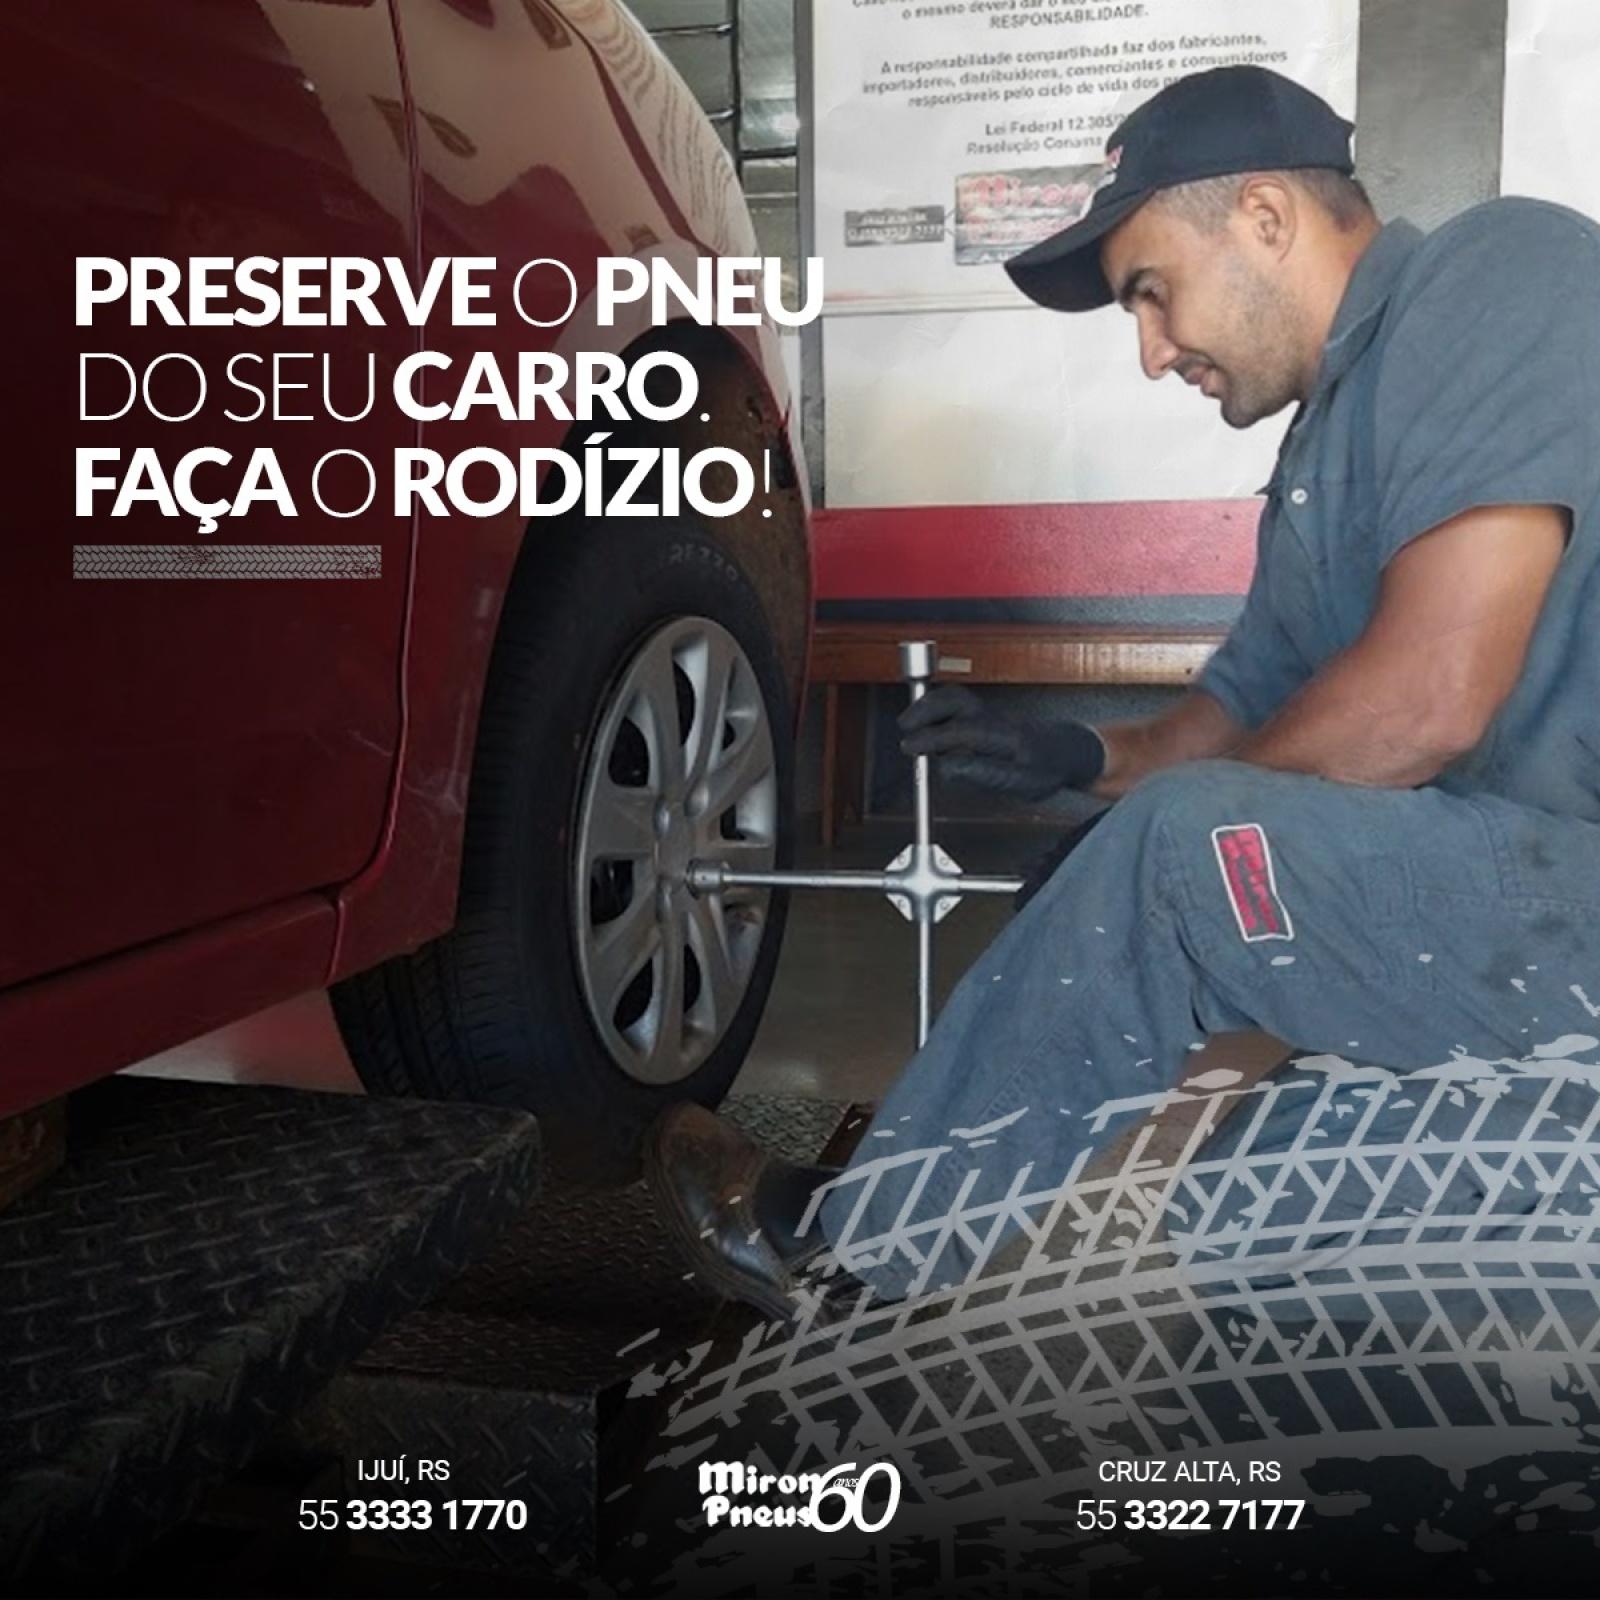 Preserve o pneu do seu carro. Faça o rodízio!